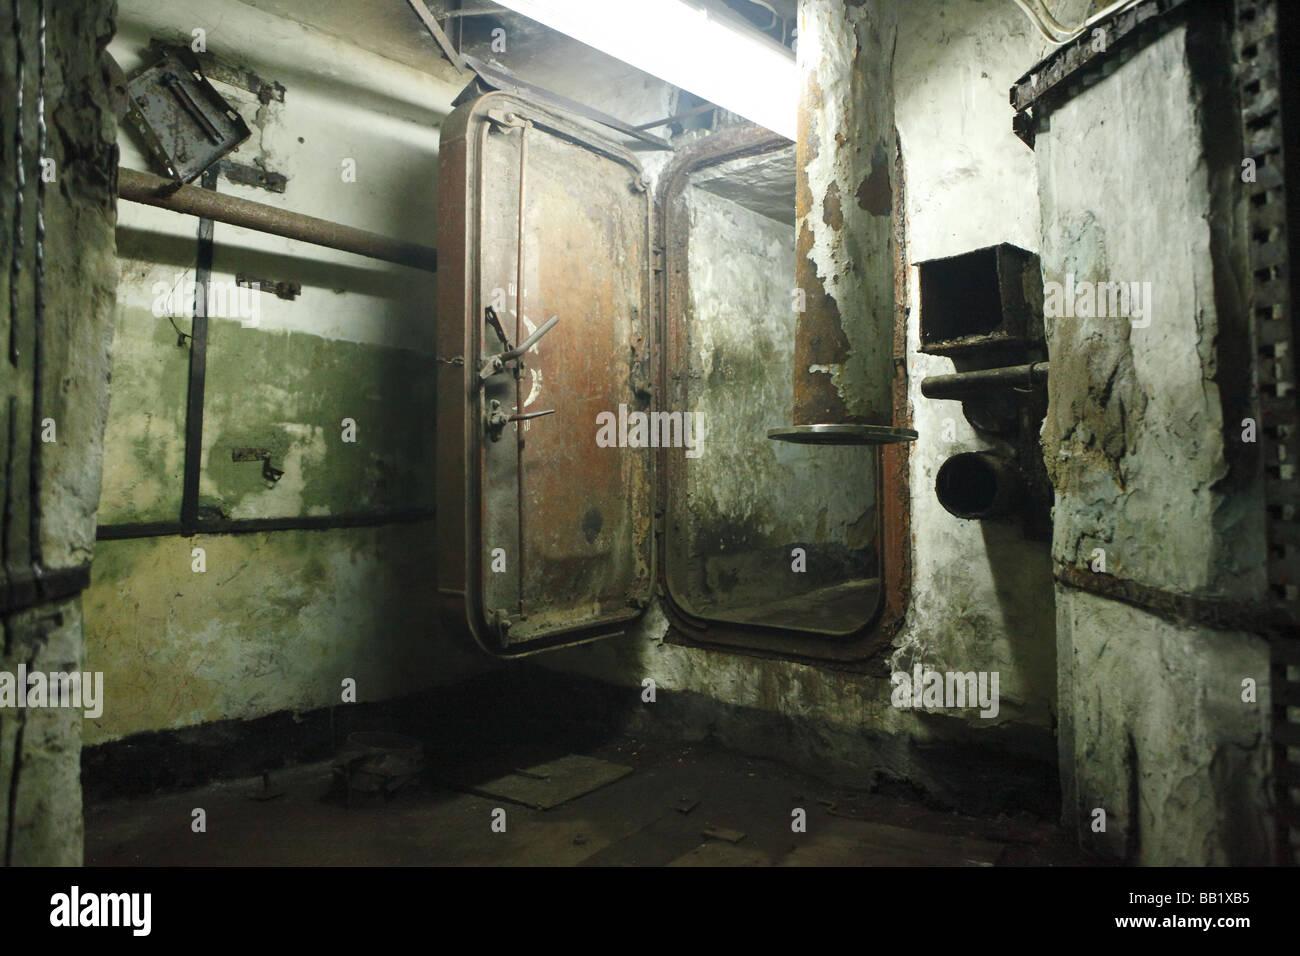 Underground Soviet military base - Stock Image